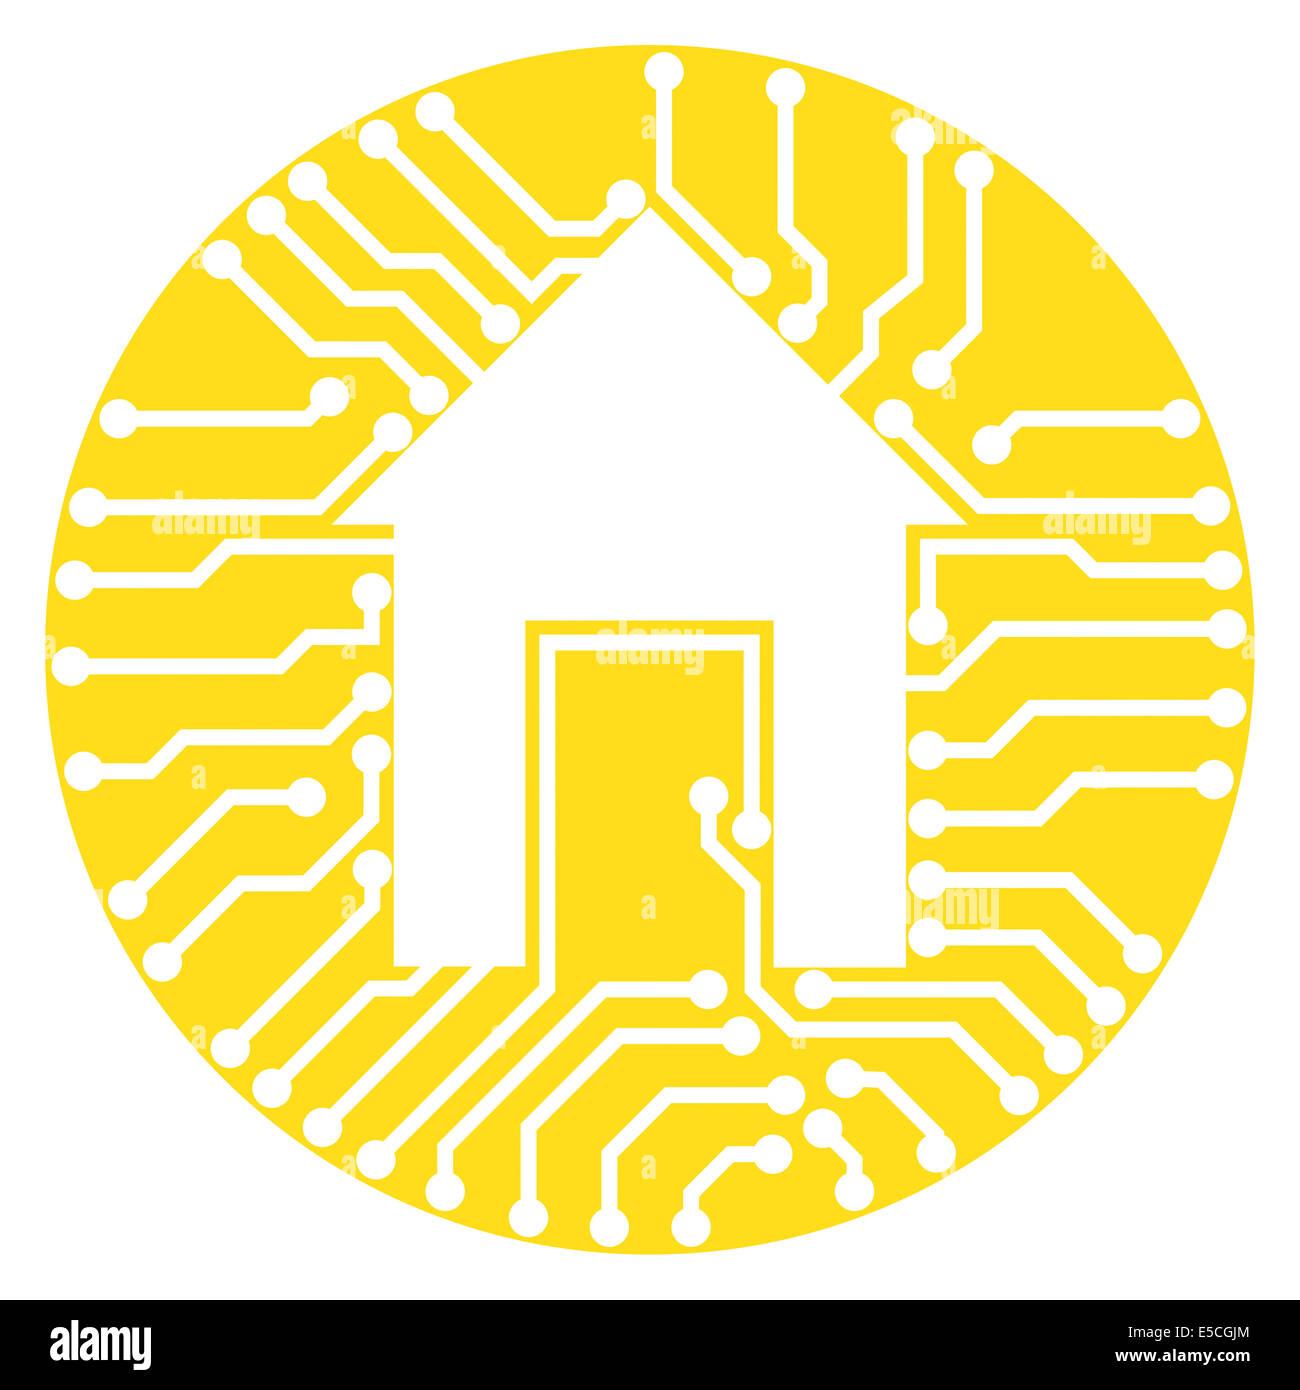 Home-Symbol konzeptionelle Darstellung der Schaltungen verbunden mit einem Haus-Symbol in einem gelben Kreis isoliert Stockbild